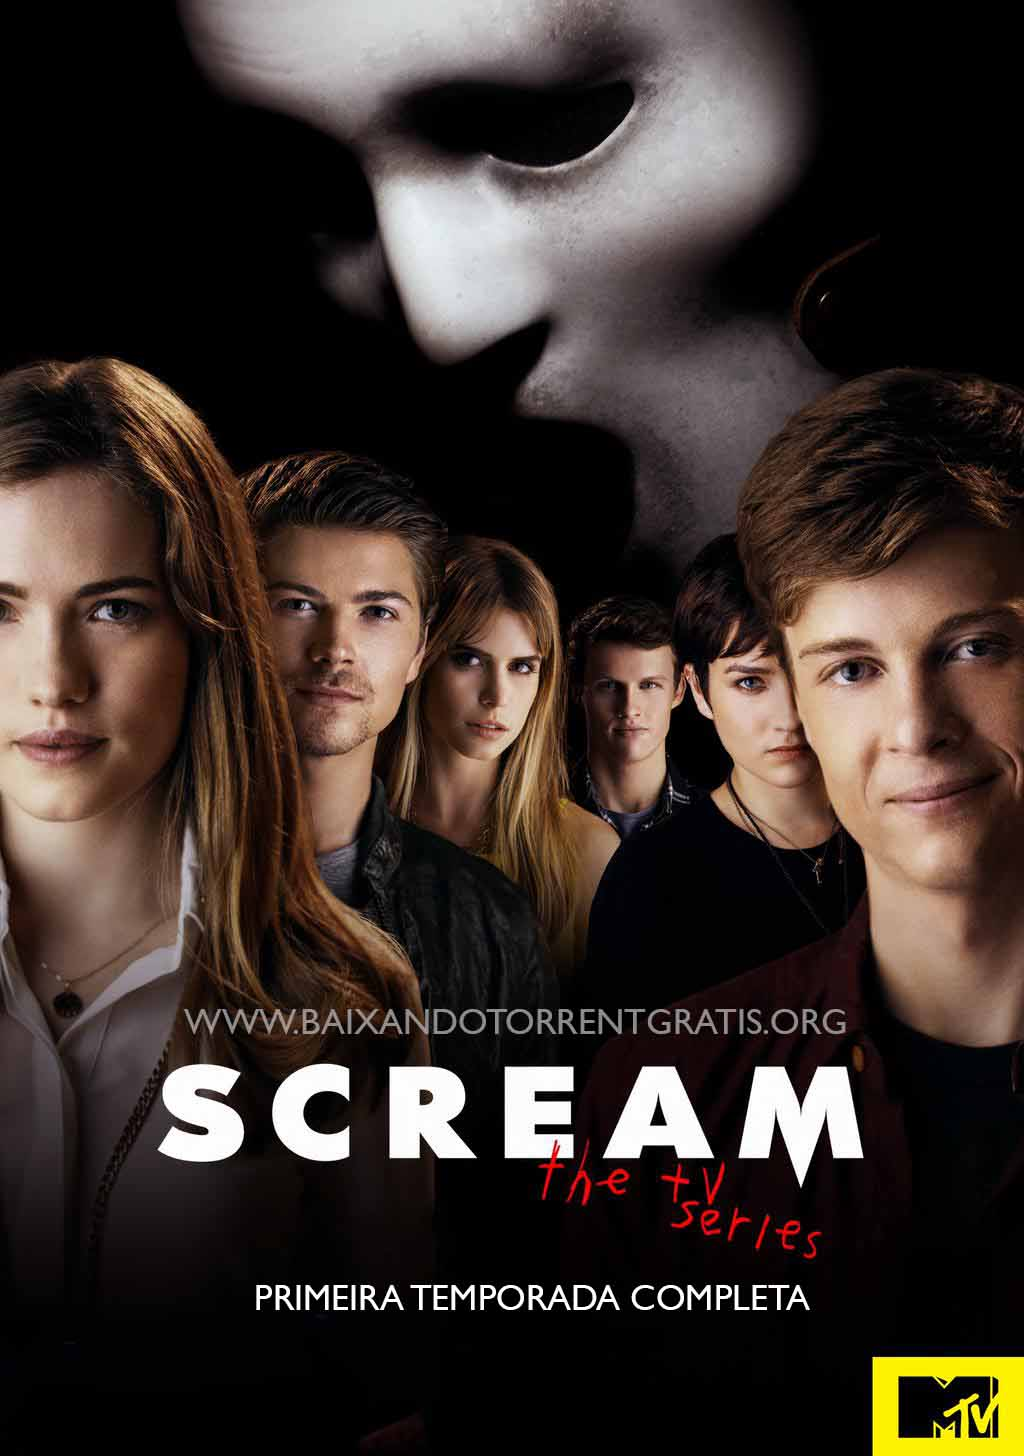 Scream 1ª Temporada Torrent - WEBRip Dublado